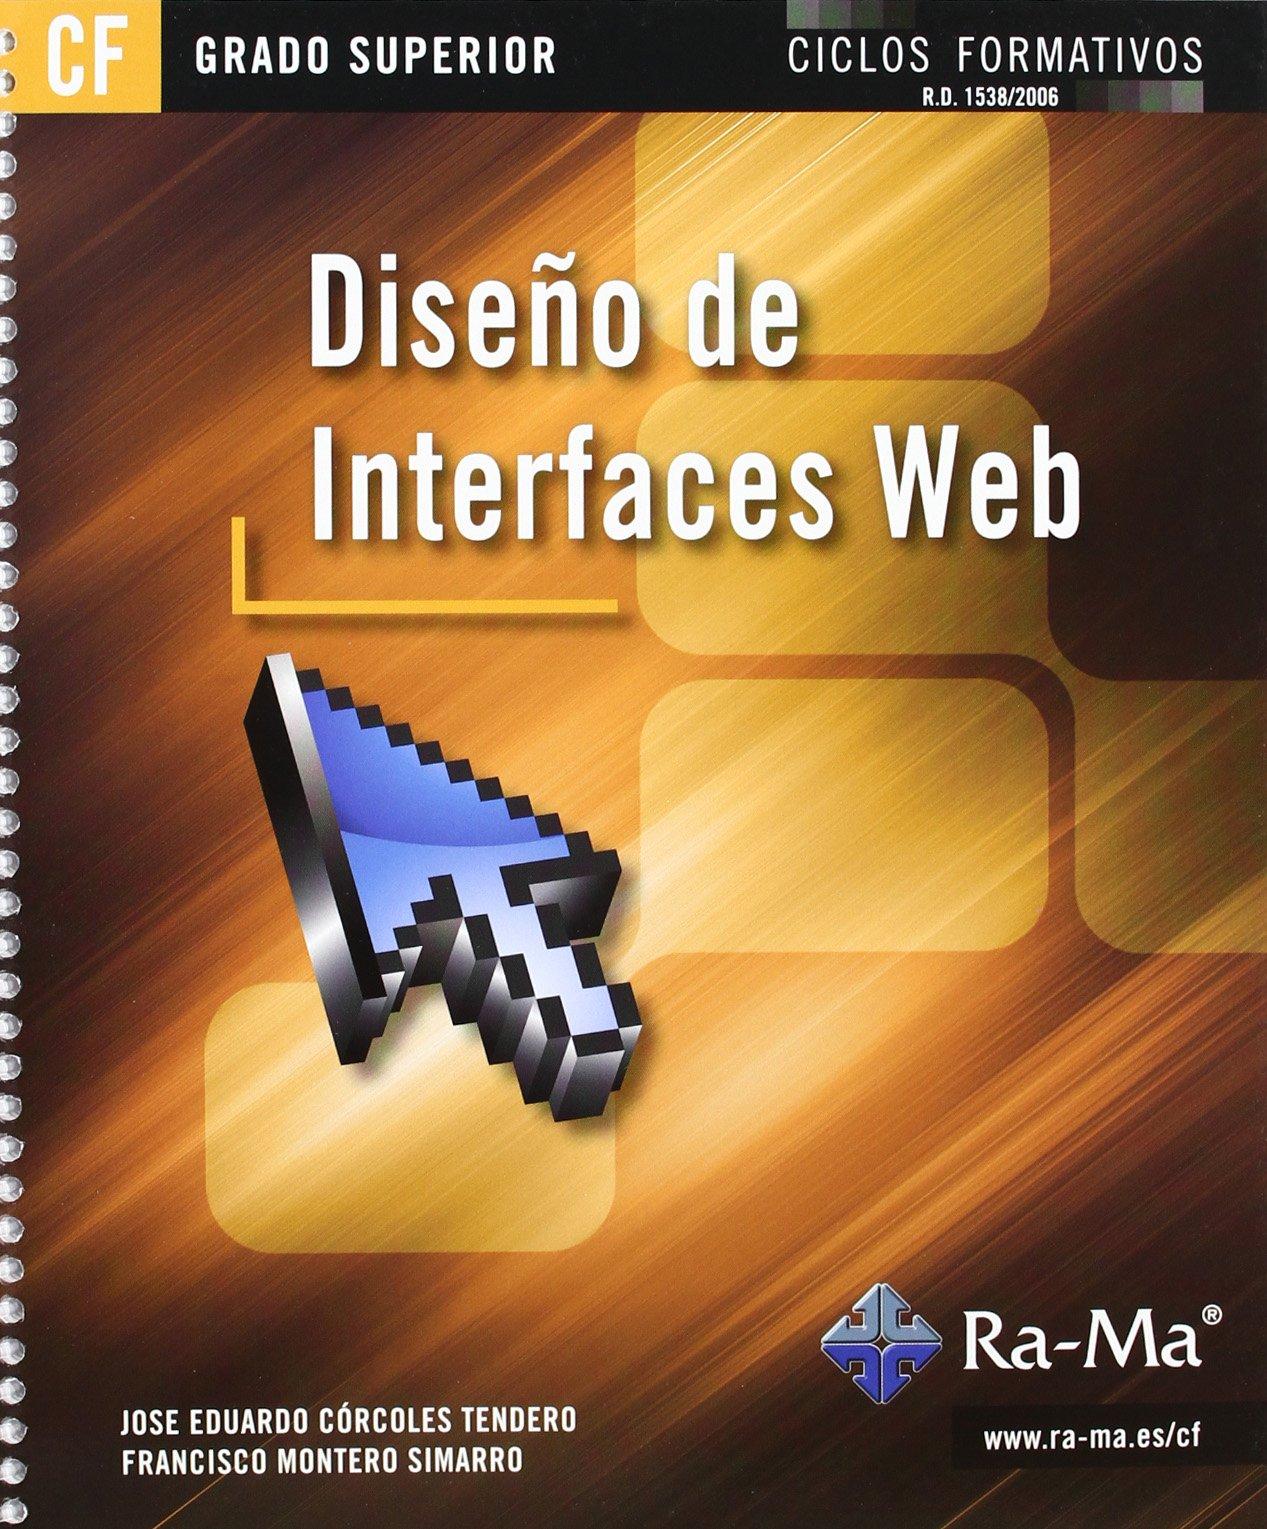 Diseño de interfaces web (GRADO SUPERIOR) Tapa blanda – 30 may 2012 Francisco Montero Simarro 8499641547 Web graphics & design YQ